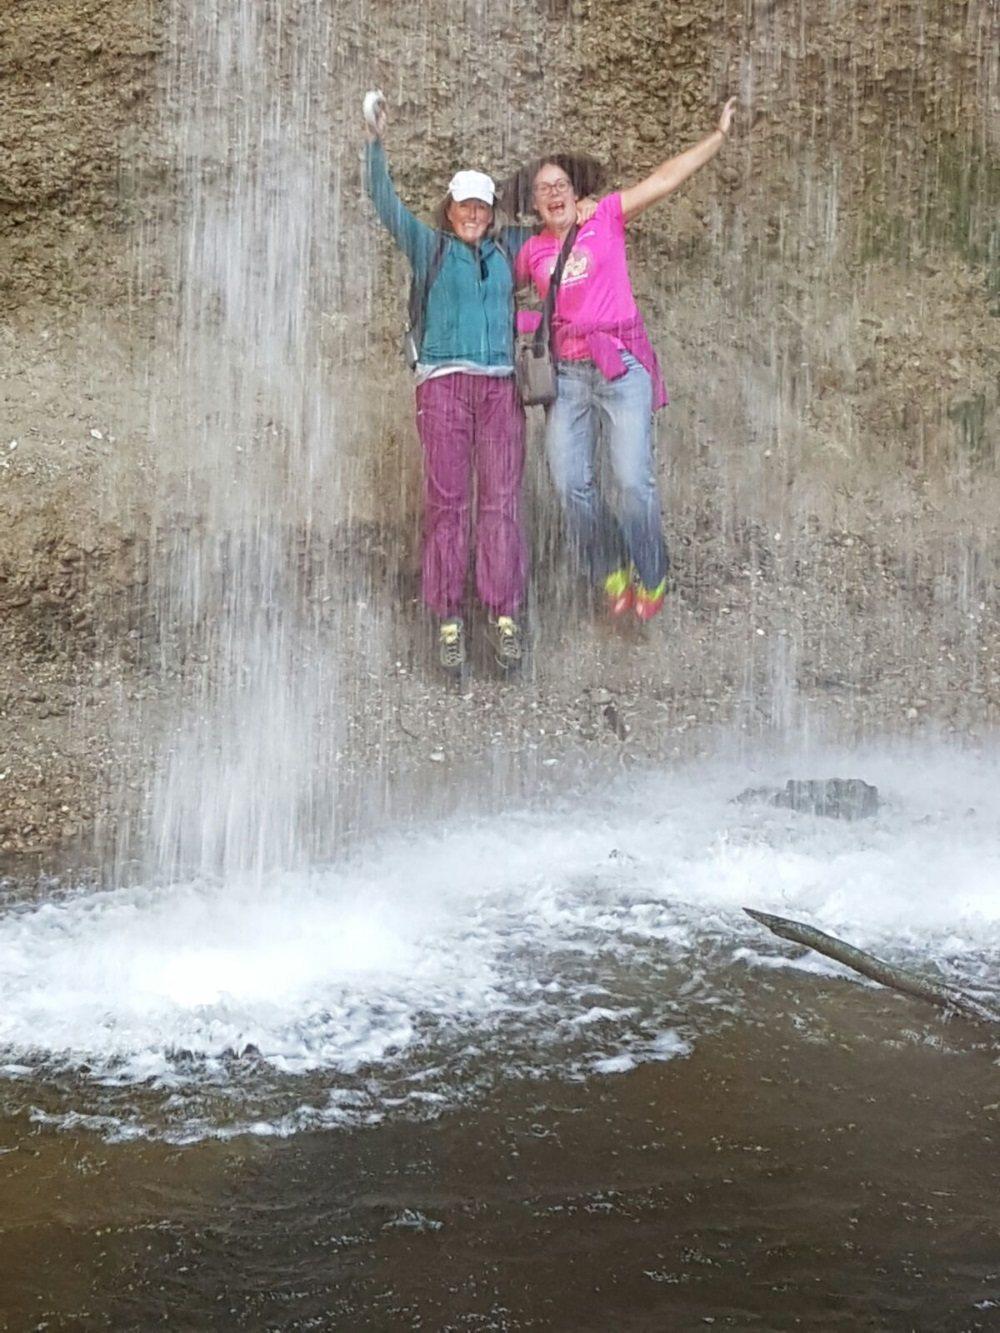 Das muß sein! Ein Hüpfer hinter dem Wasserfall